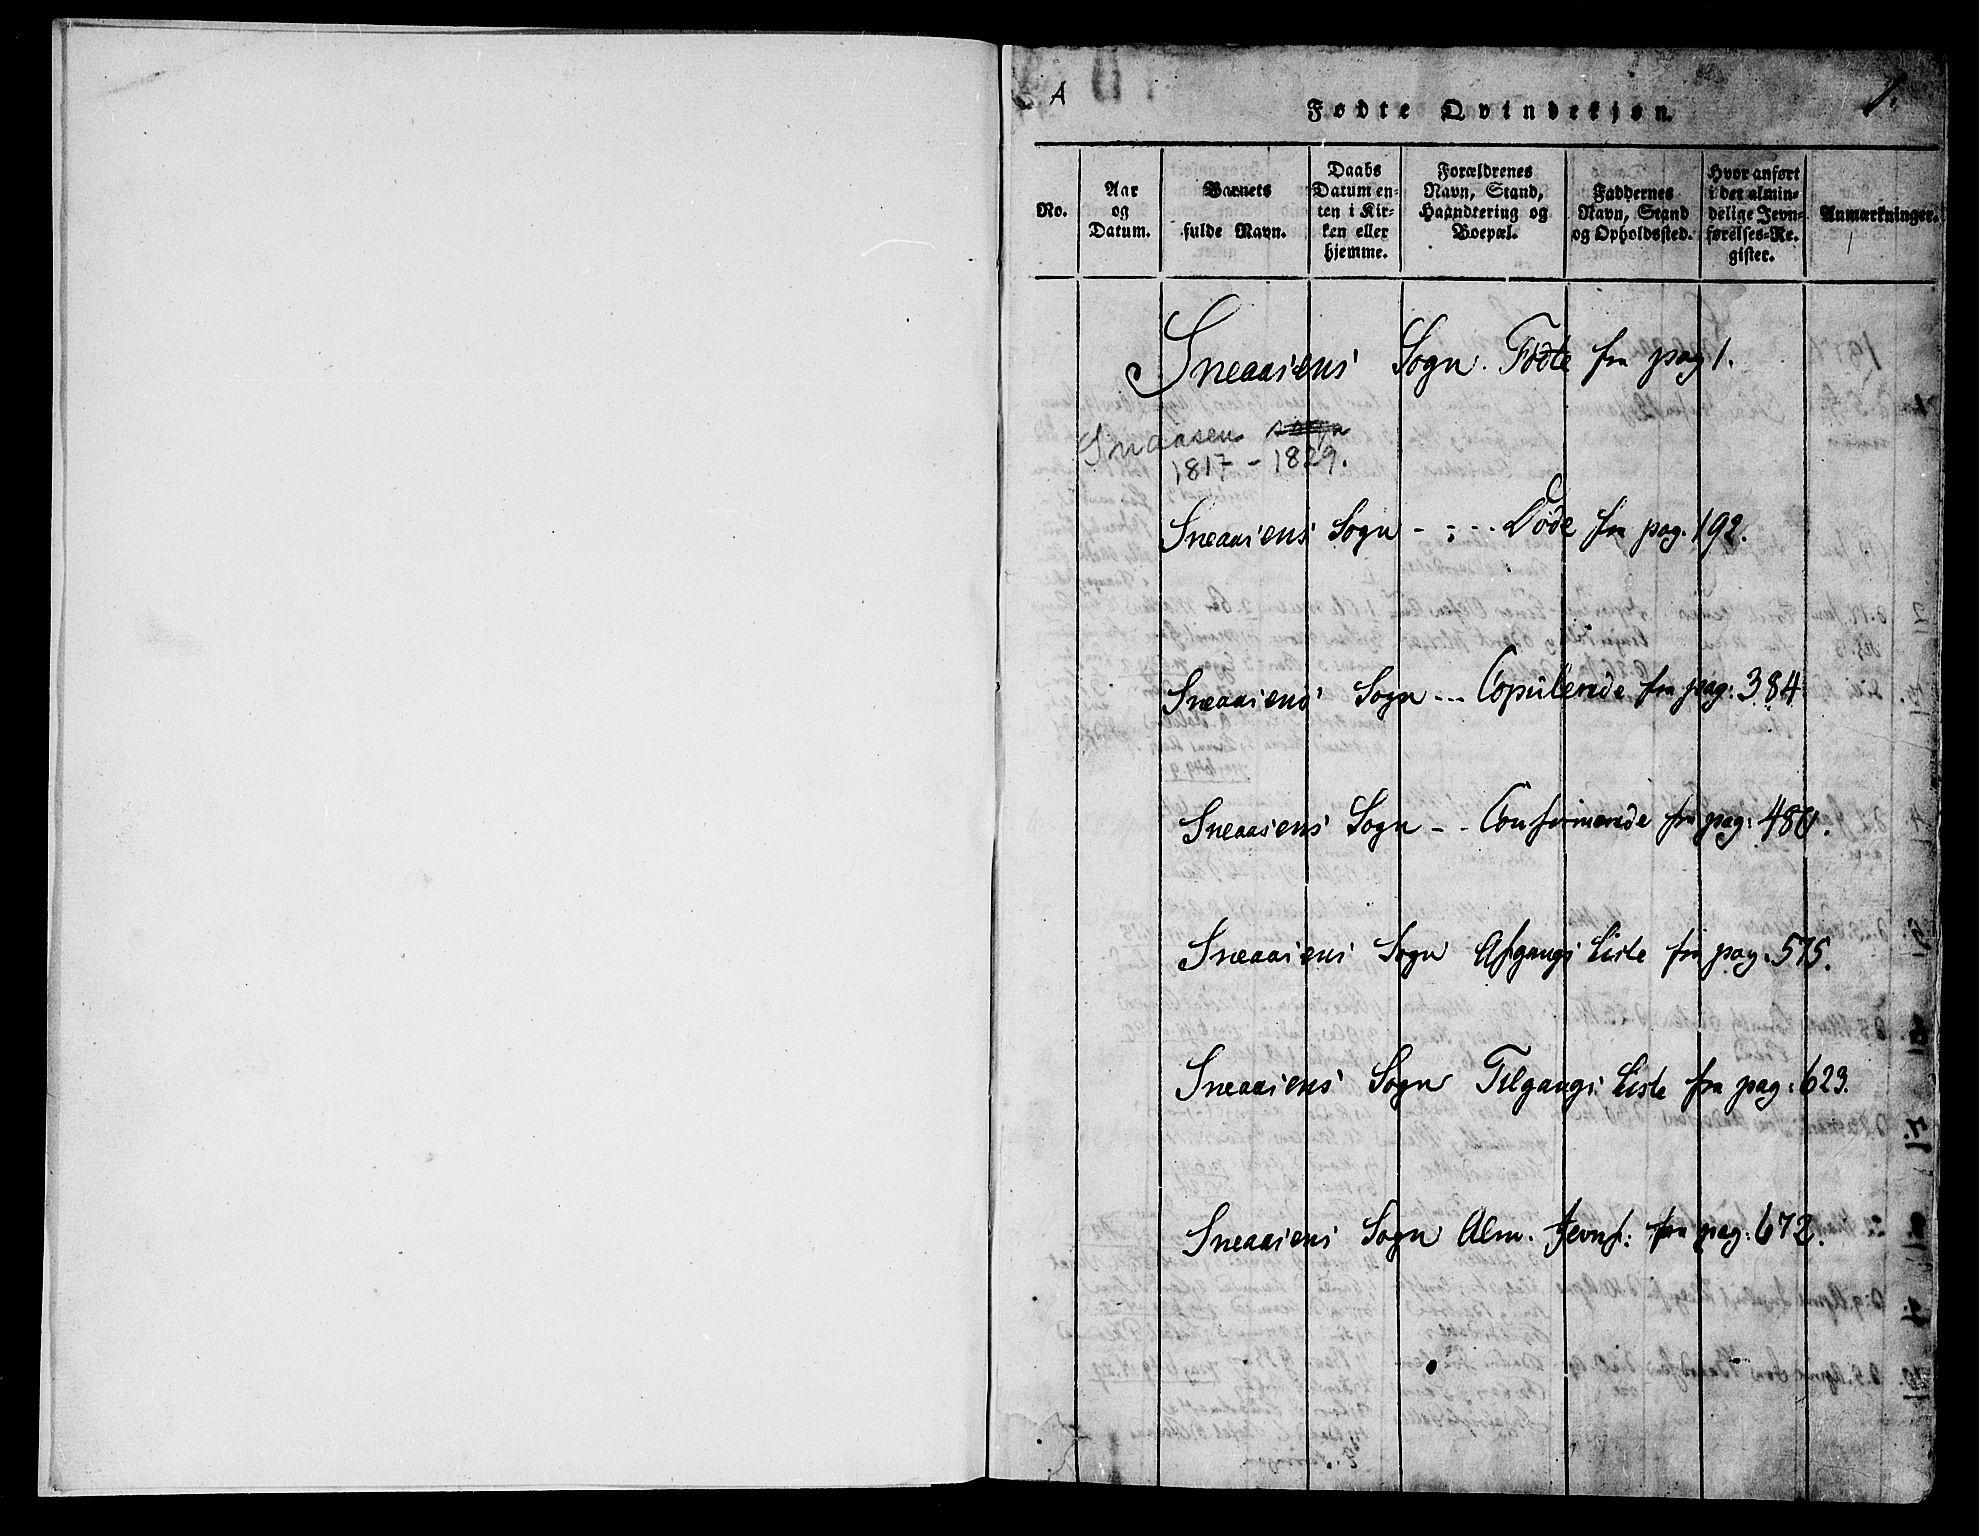 SAT, Ministerialprotokoller, klokkerbøker og fødselsregistre - Nord-Trøndelag, 749/L0479: Klokkerbok nr. 749C01, 1817-1829, s. 0-1